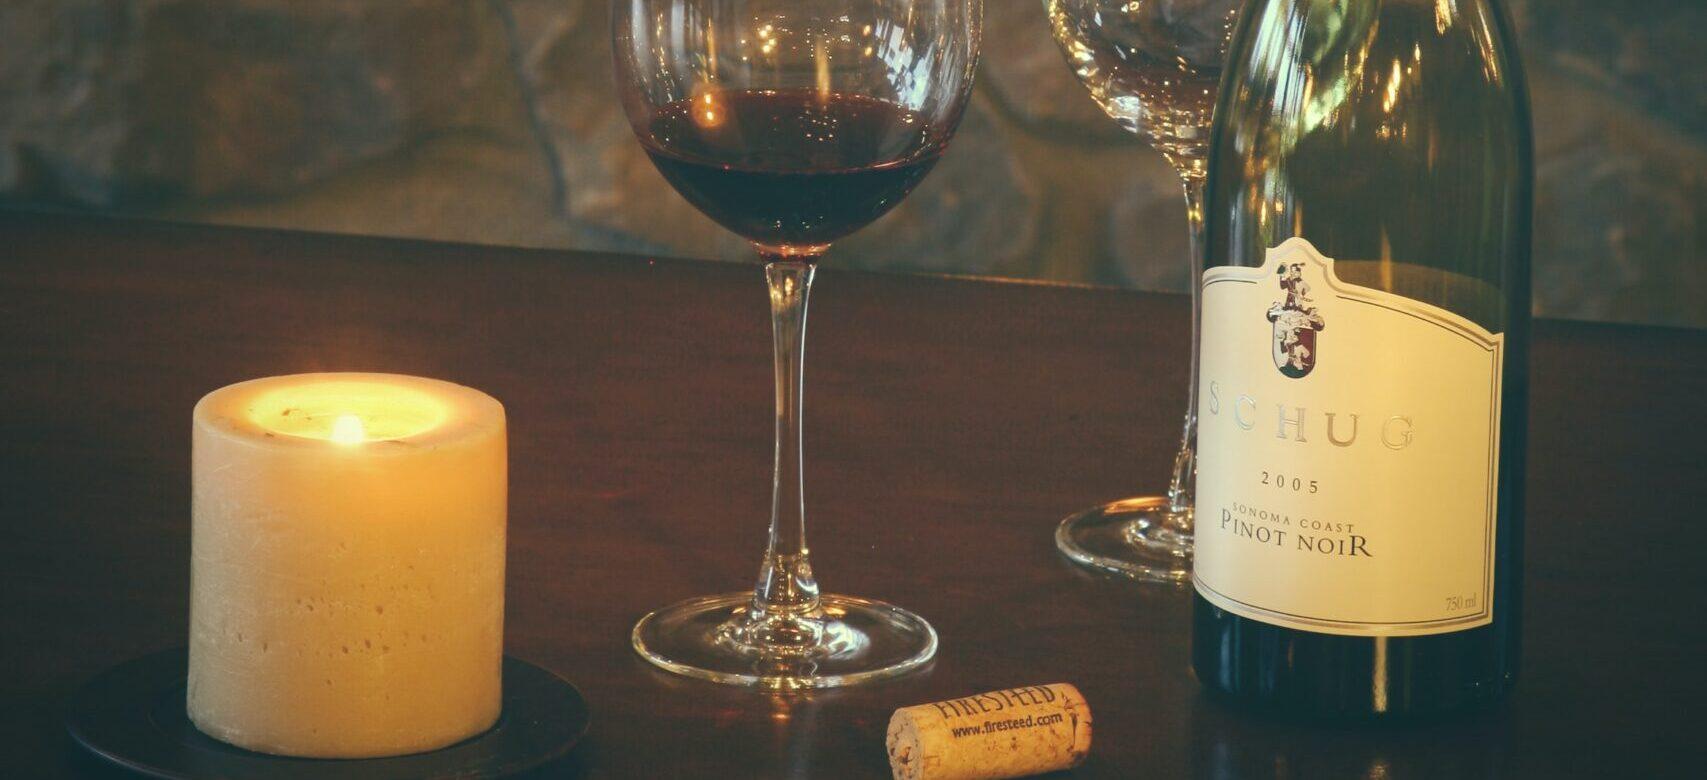 Le choix du vin en grandes surfaces est souvent délicat